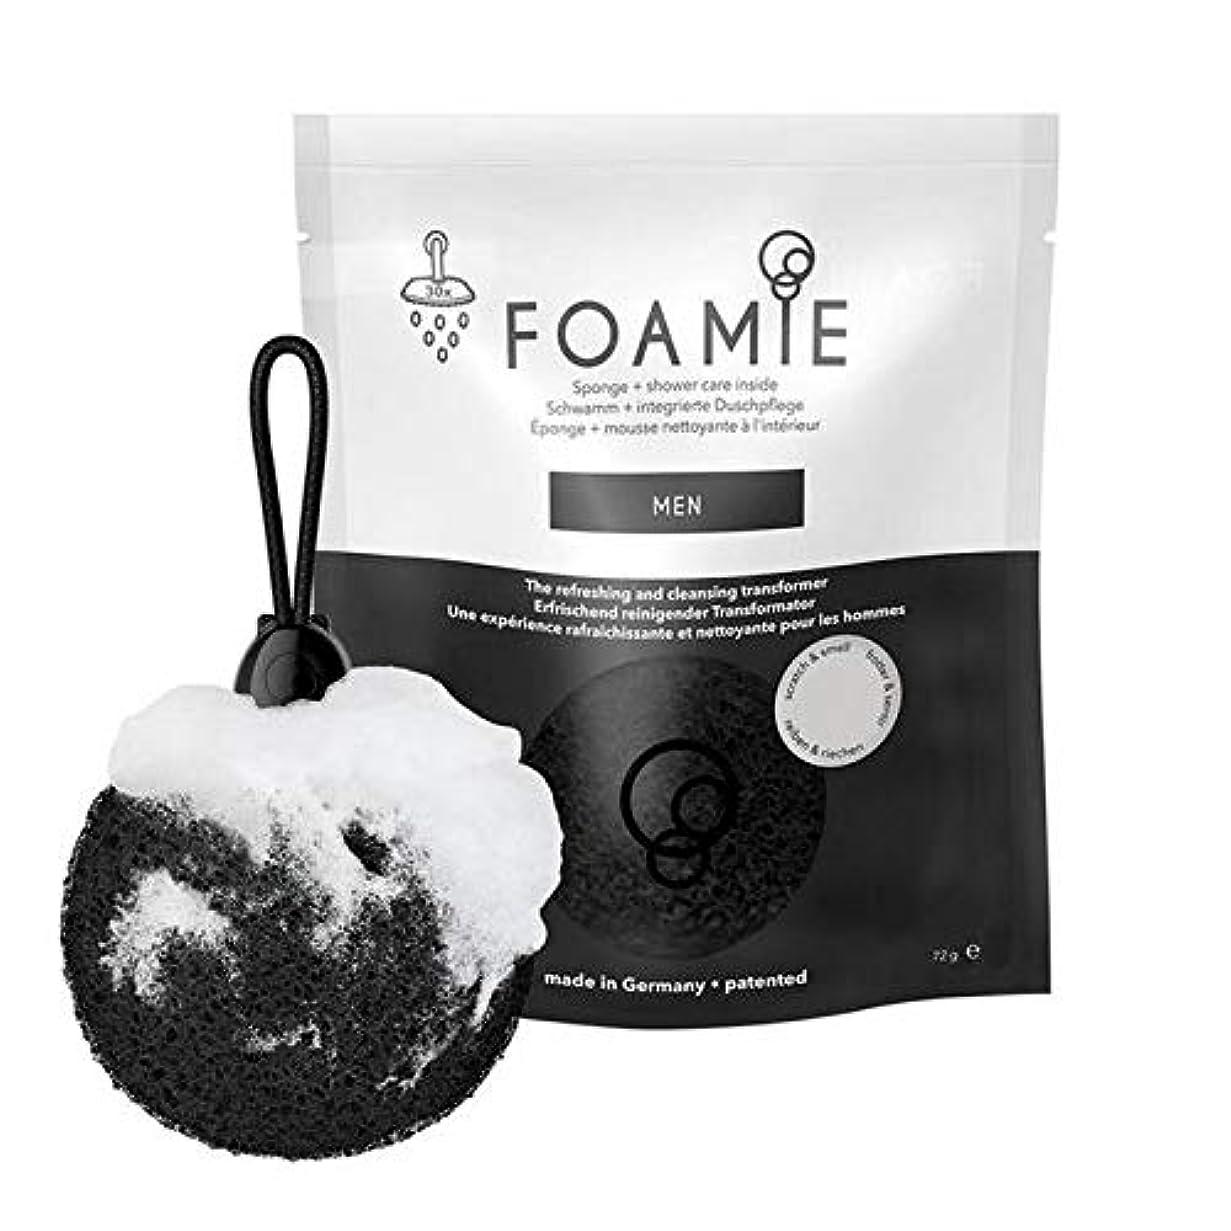 補助金マウント海里[Foamie] Foamieメンズスポンジ&ボディウォッシュ - Foamie Men's Sponge & Body Wash [並行輸入品]